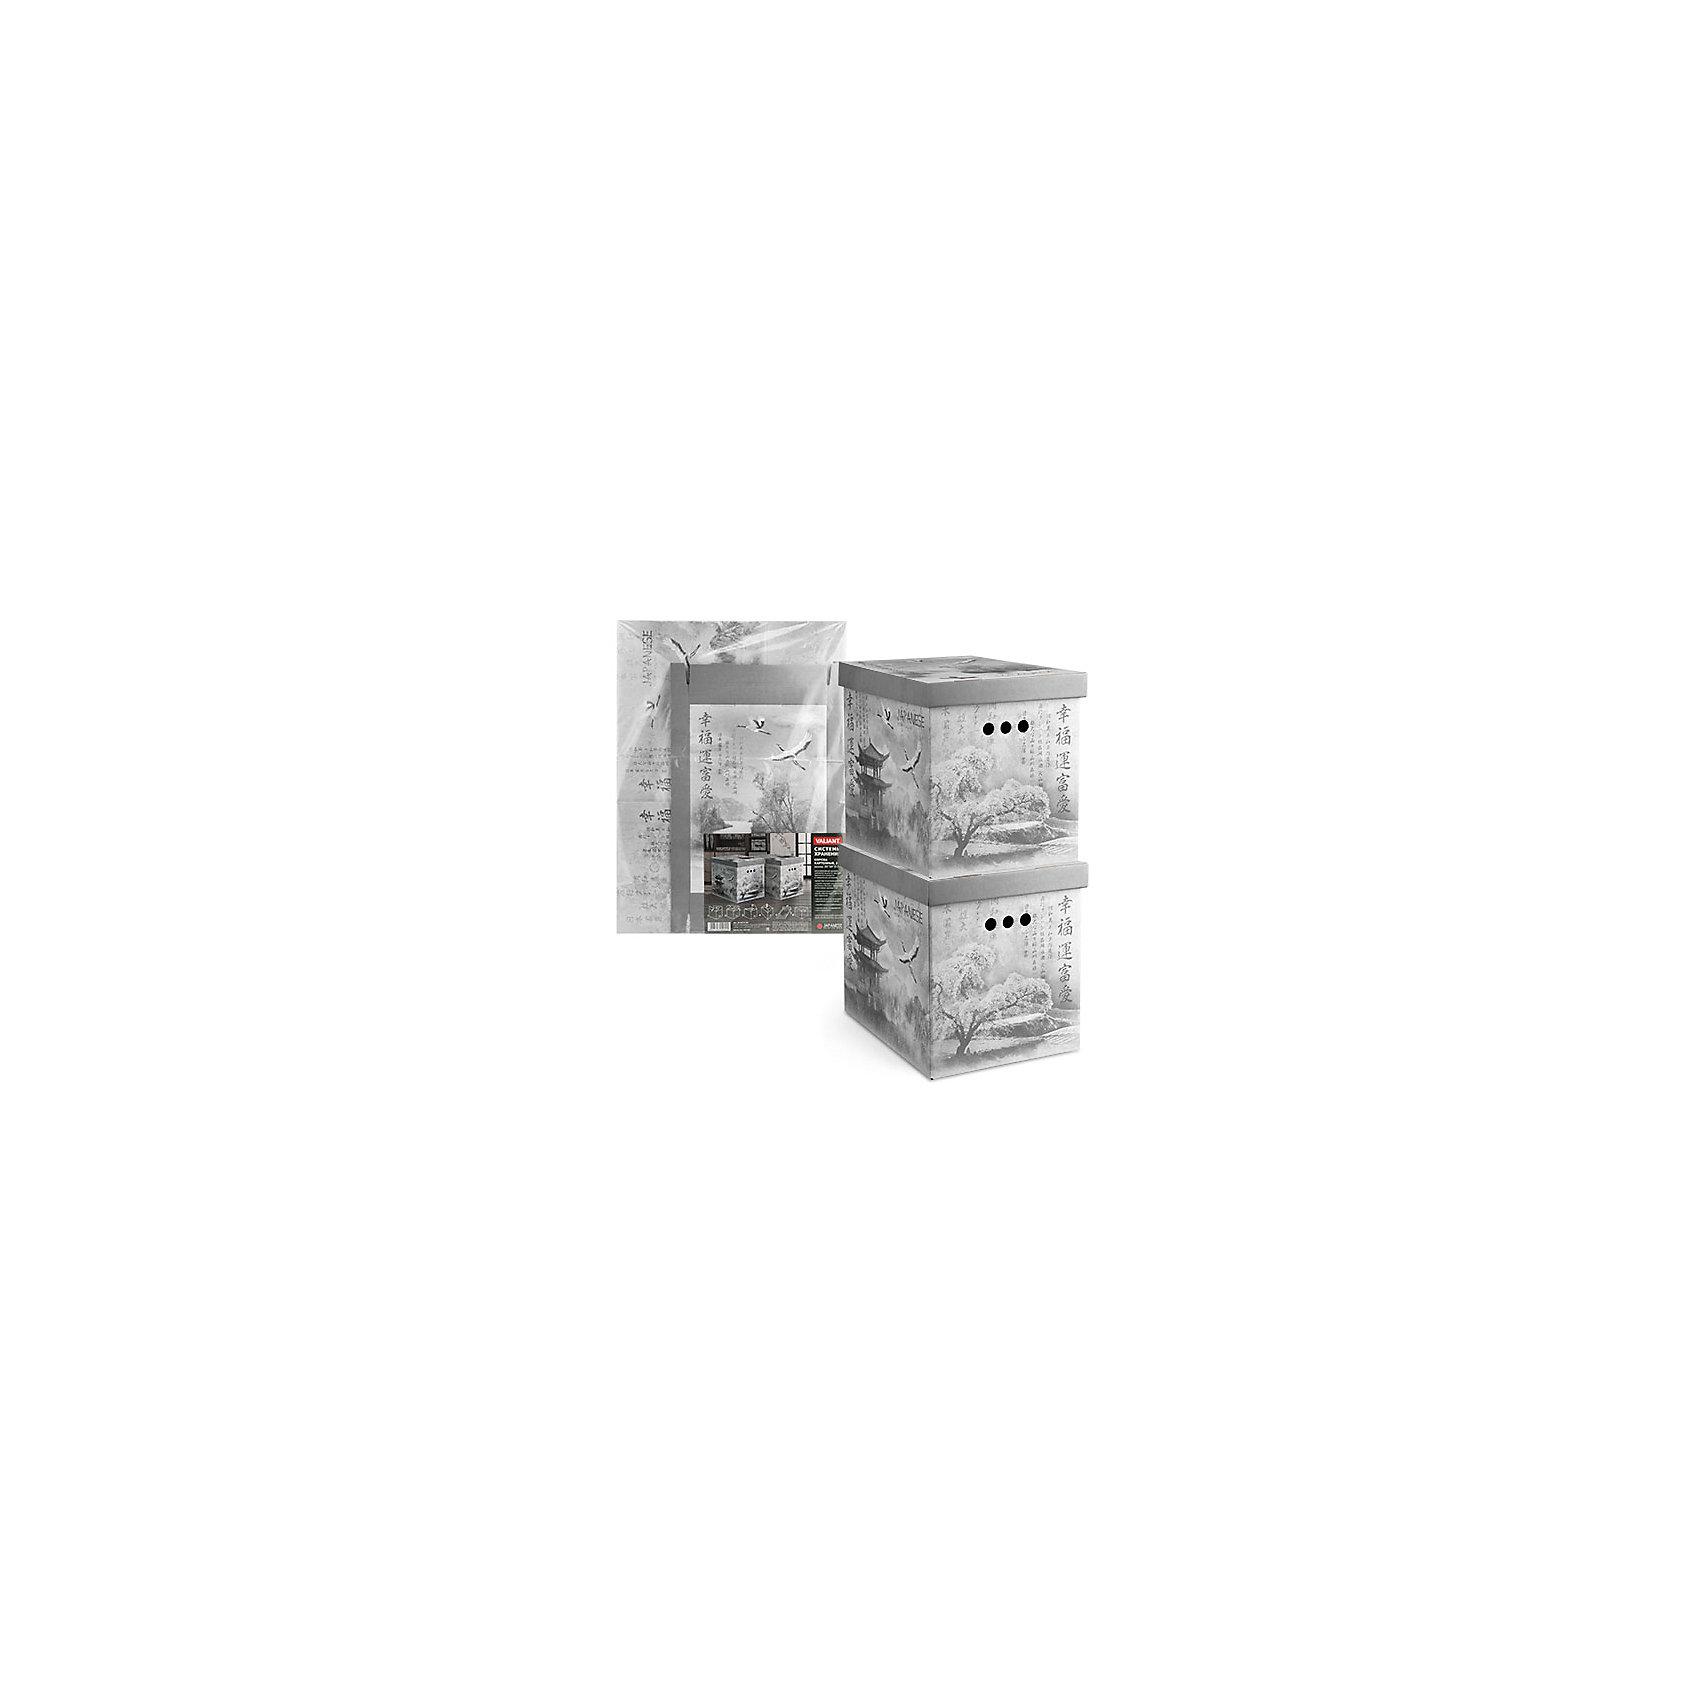 Короб картонный, складной, большой, 28*38*31.5 см, 2 шт., JAPANESE BLACK, ValiantПорядок в детской<br>Короб картонный, складной, большой, 28*38*31.5 см, 2 шт., JAPANESE BLACK, Valiant (Валиант) - это идеальное решение для хранения вещей.<br>Складные картонные короба JAPANESE BLACK от Valiant (Валиант) идеально подходят для хранения различных бытовых предметов, аксессуаров и одежды. Они изготовлены микрогофрокартона. Прорезные ручки с двух сторон коробов обеспечивают удобство при переноске. Крышки эстетично закрывает содержимое внутри коробов. Изделия отличаются мобильностью: легко раскладываются и складываются. Короба можно штабелировать. Картонные короба JAPANESE BLACK от Valiant (Валиант) гармонично смотрится в интерьере. Лаконичный и сдержанный дизайн, напоминающий характер самурая, разработан специально для тех, кто предпочитает строгие линии и неяркие практичные цвета.<br><br>Дополнительная информация:<br><br>- В наборе: 2 шт.<br>- Размер: 28х38х31,5 см.<br>- Материал: микрогофрокартон<br>- Цвет: светло-серый<br><br>Короб картонный, складной, большой, 28*38*31.5 см, 2 шт., JAPANESE BLACK, Valiant (Валиант) можно купить в нашем интернет-магазине.<br><br>Ширина мм: 490<br>Глубина мм: 10<br>Высота мм: 650<br>Вес г: 630<br>Возраст от месяцев: 36<br>Возраст до месяцев: 1080<br>Пол: Унисекс<br>Возраст: Детский<br>SKU: 4993430